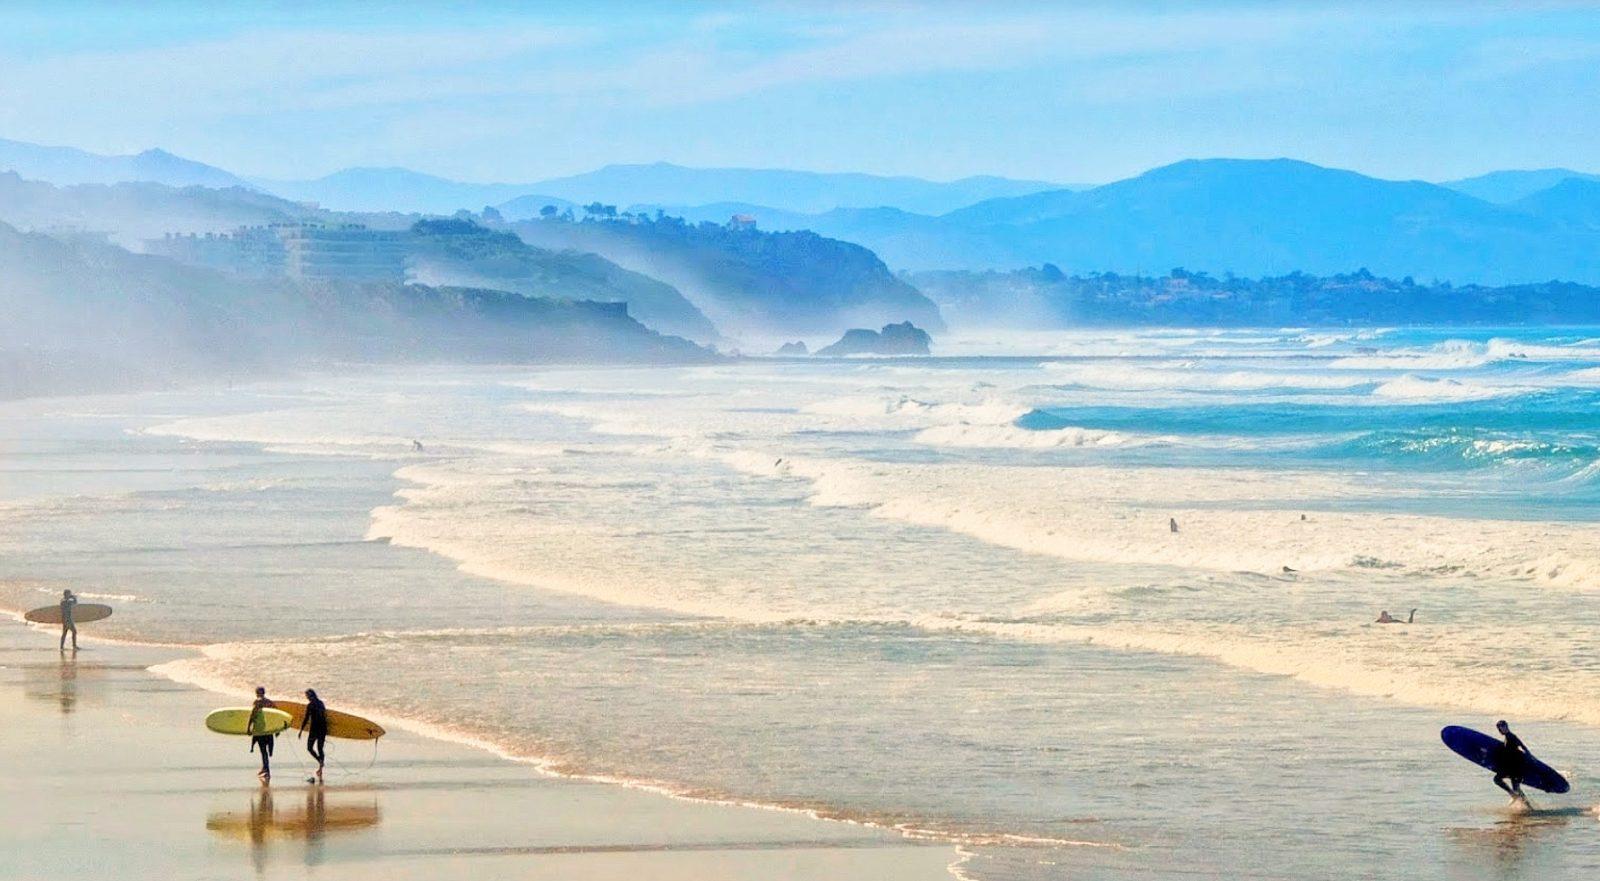 Plage de la côte des basques, Biarritz